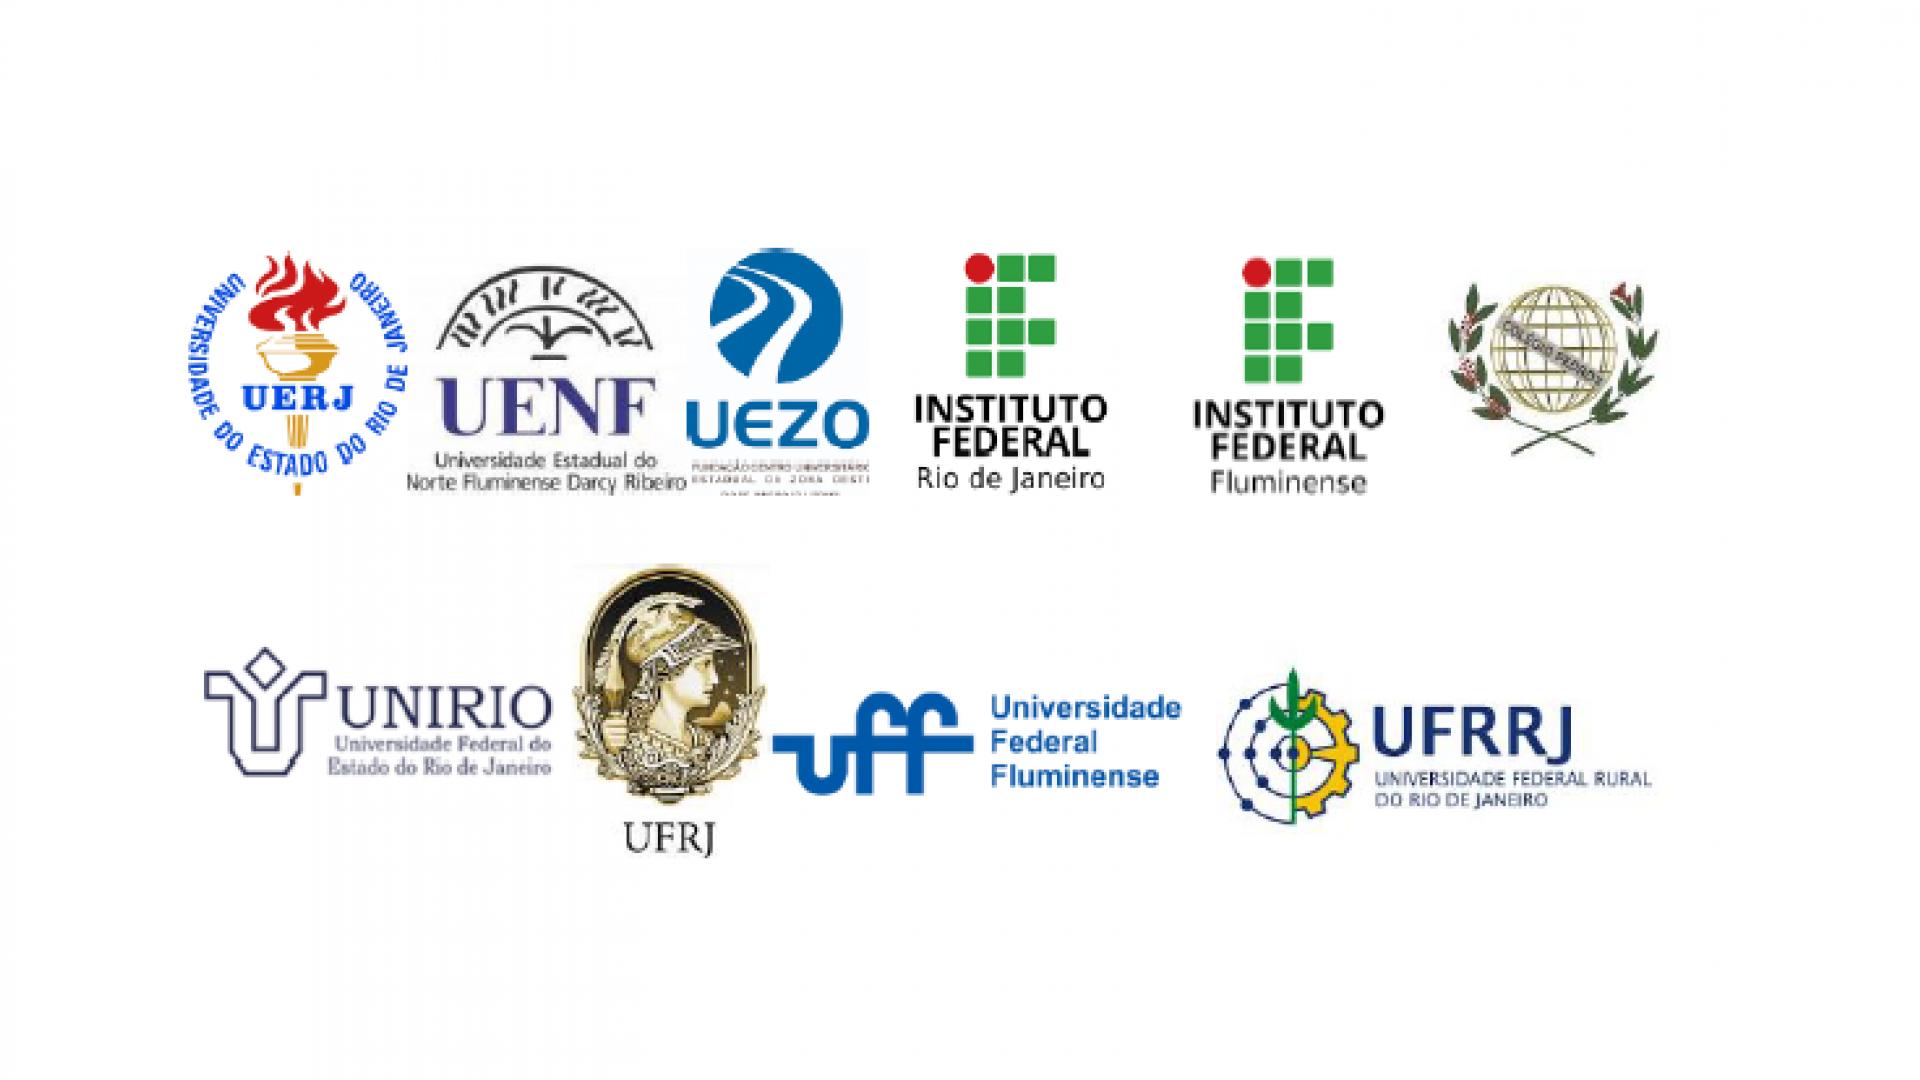 Instituições Públicas de Ensino Superior e as de Pesquisa do Estado do Rio de Janeiro